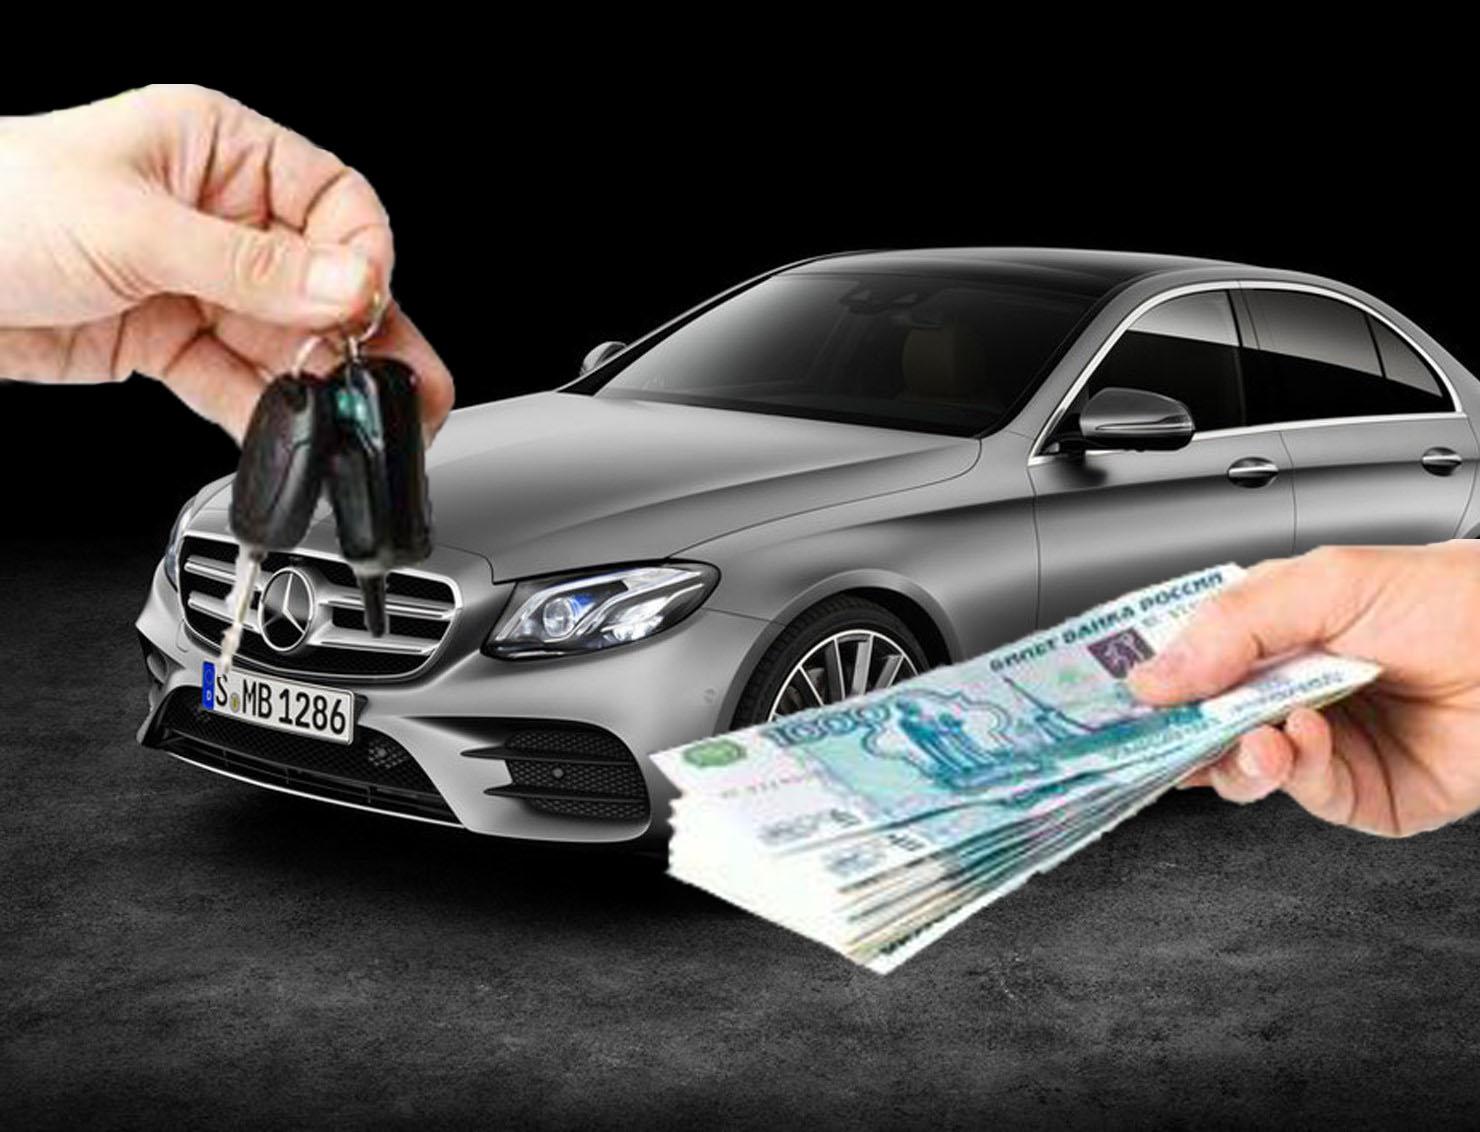 Продажа залоговых автомобилей банк в новосибирске взять машину в кредит в автосалоне в москве